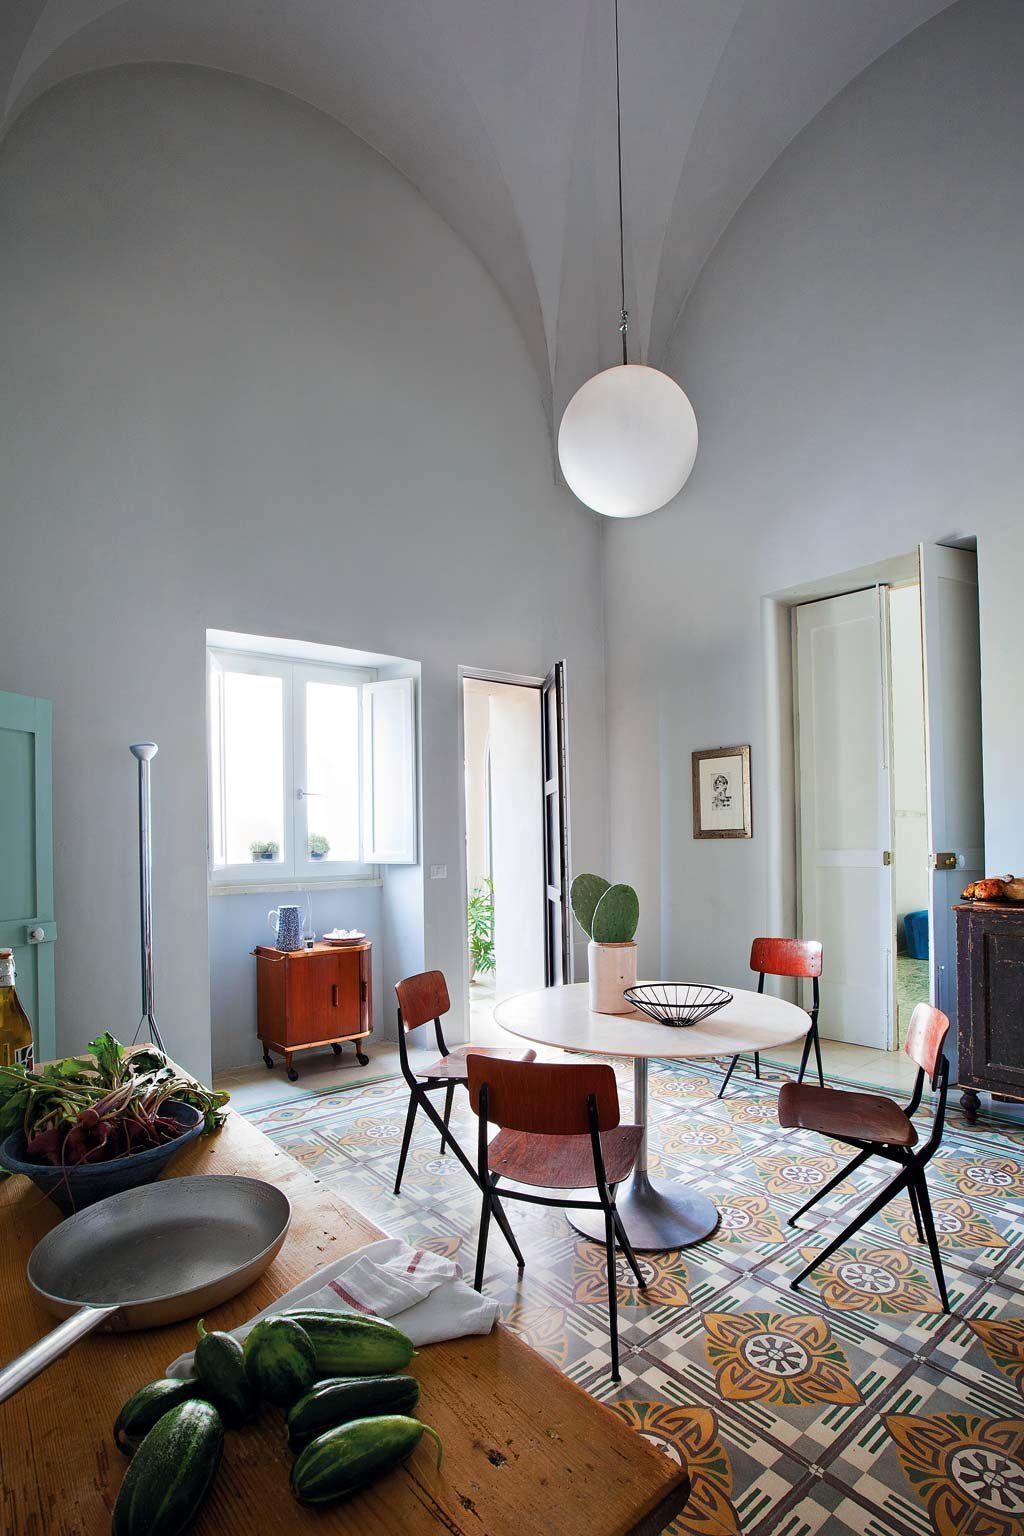 Vivir en un palazzo del XVIII Diseño interior italiano